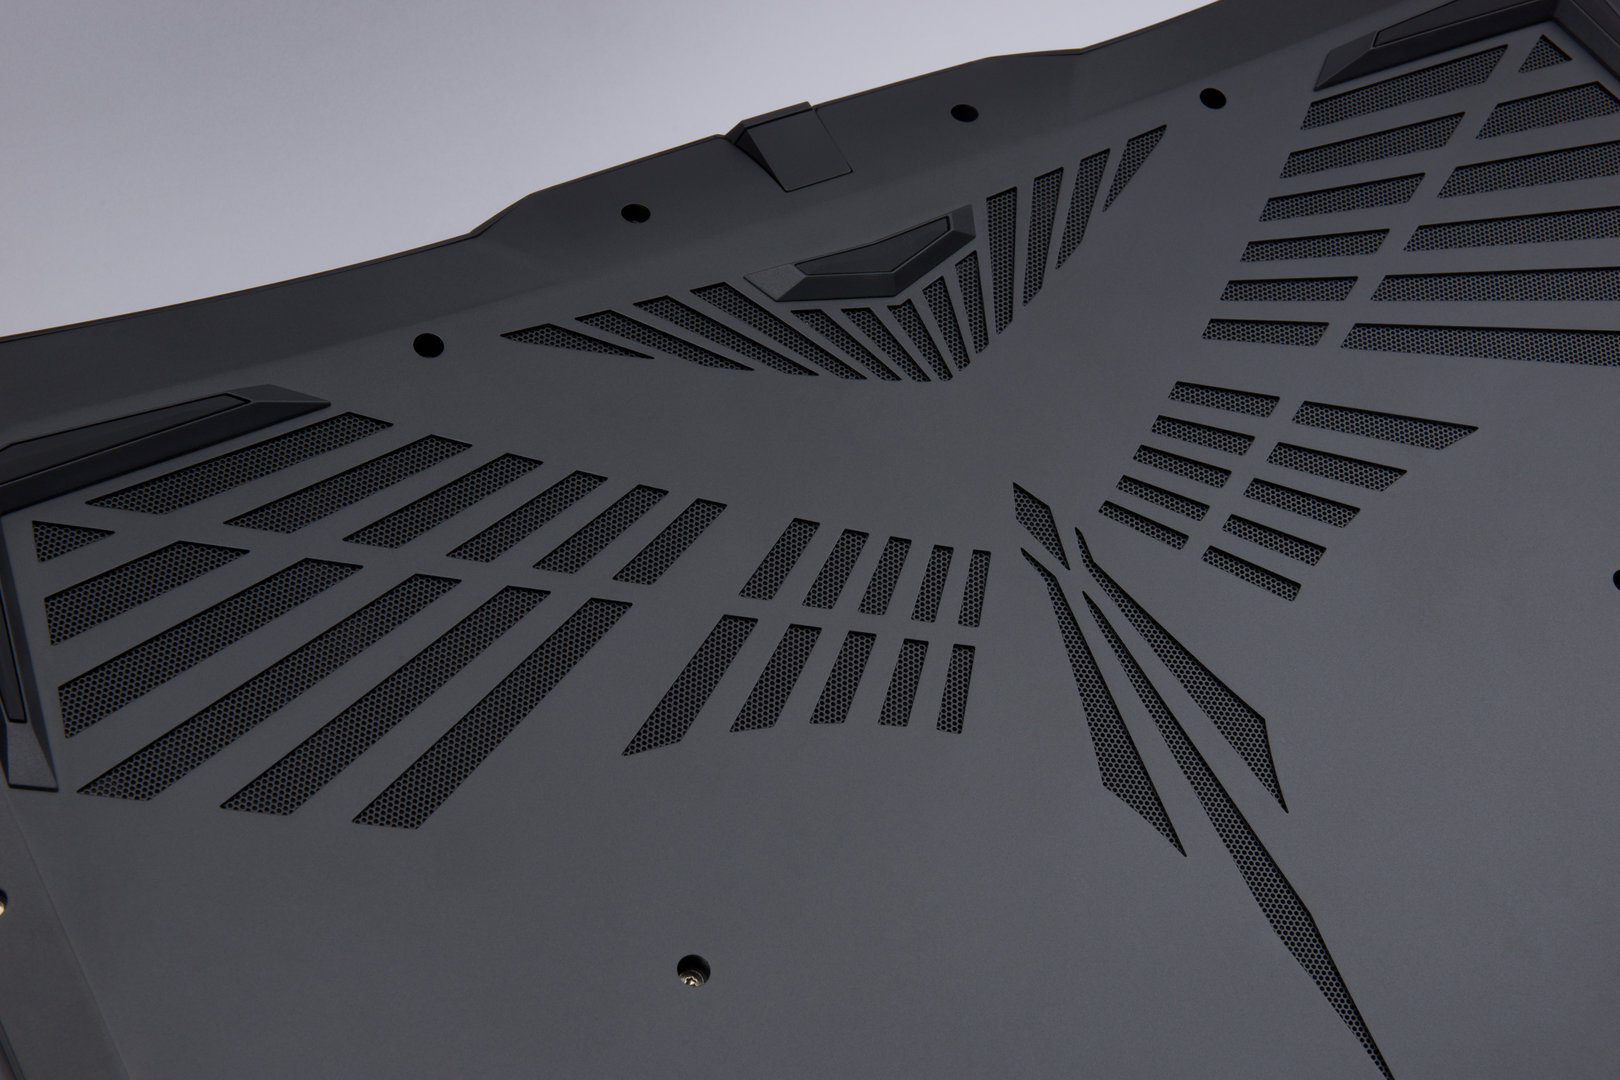 Das Gigabyte Aorus X9 mit zwei GeForce GTX 1070